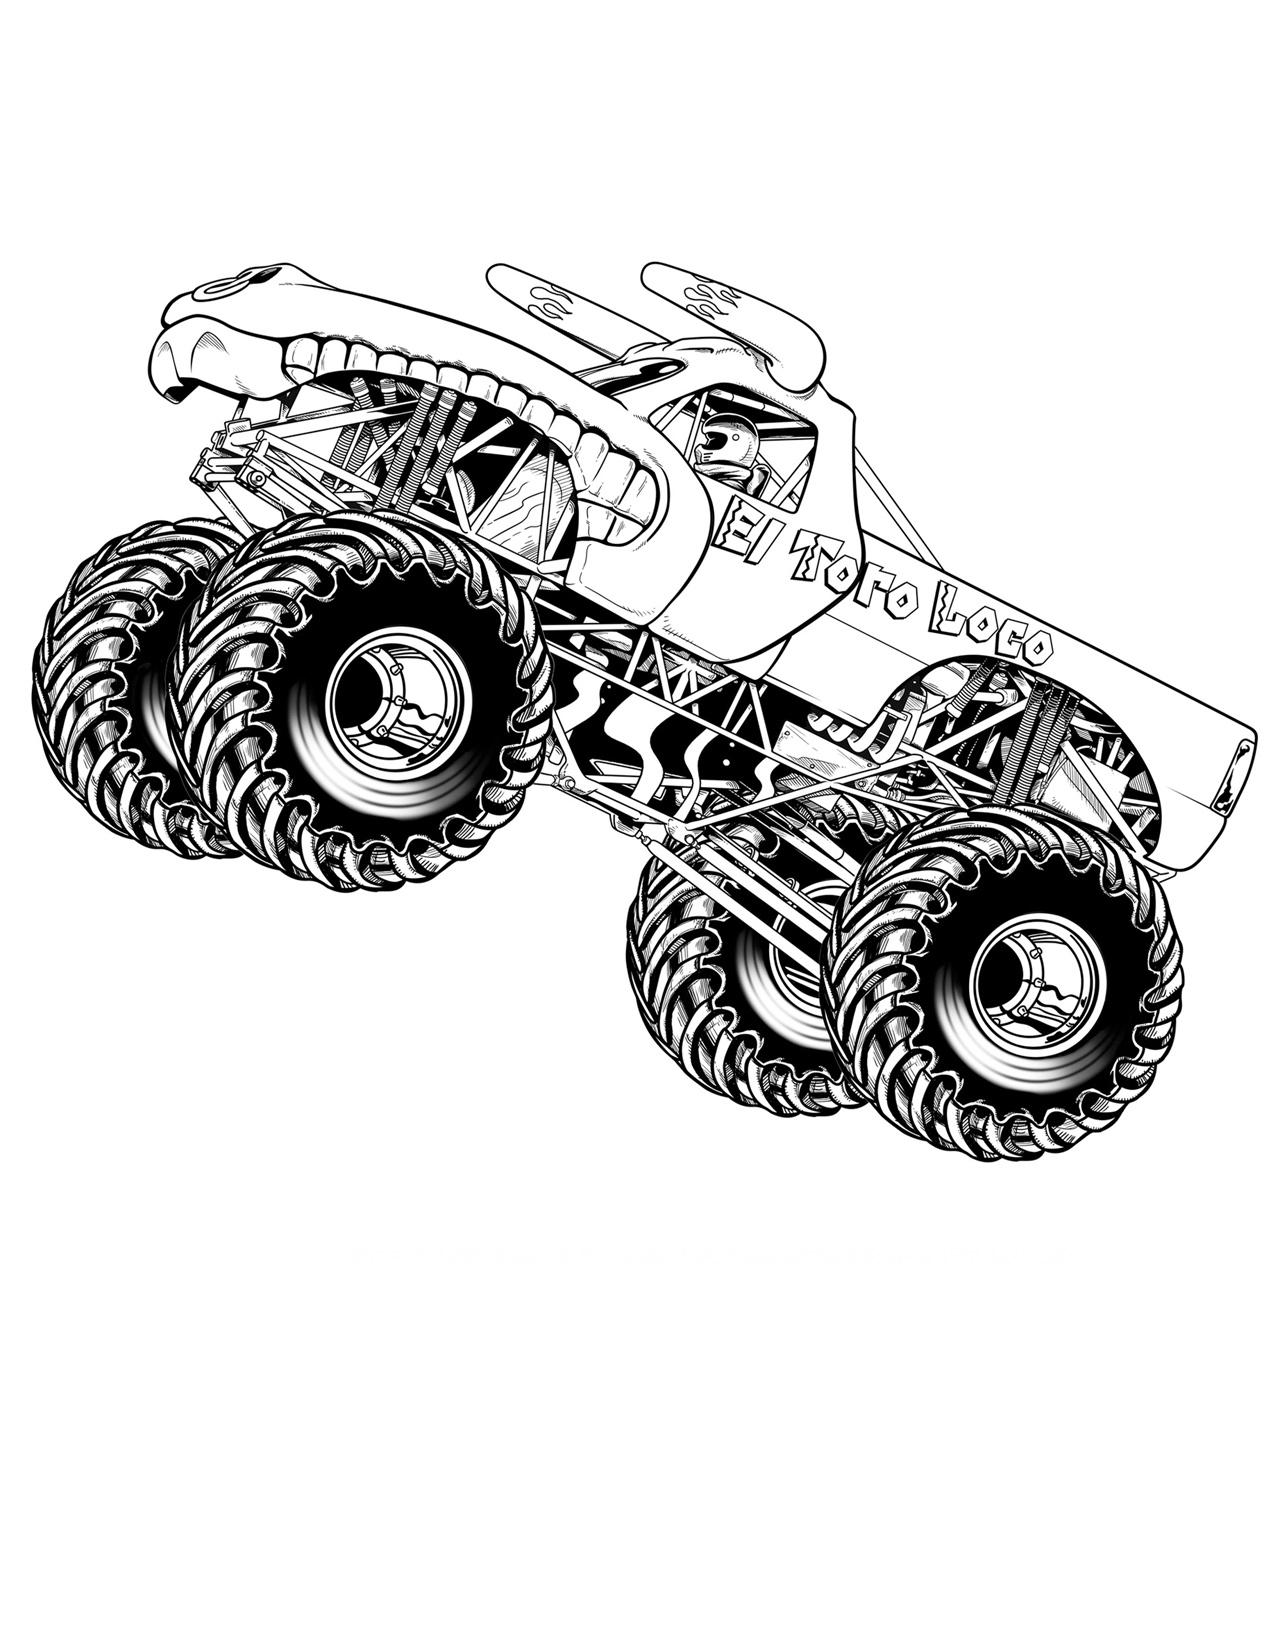 Раскраски Монстр-Трак Раскраски Монстр-Трак, бигфуты, машины с большими колесами